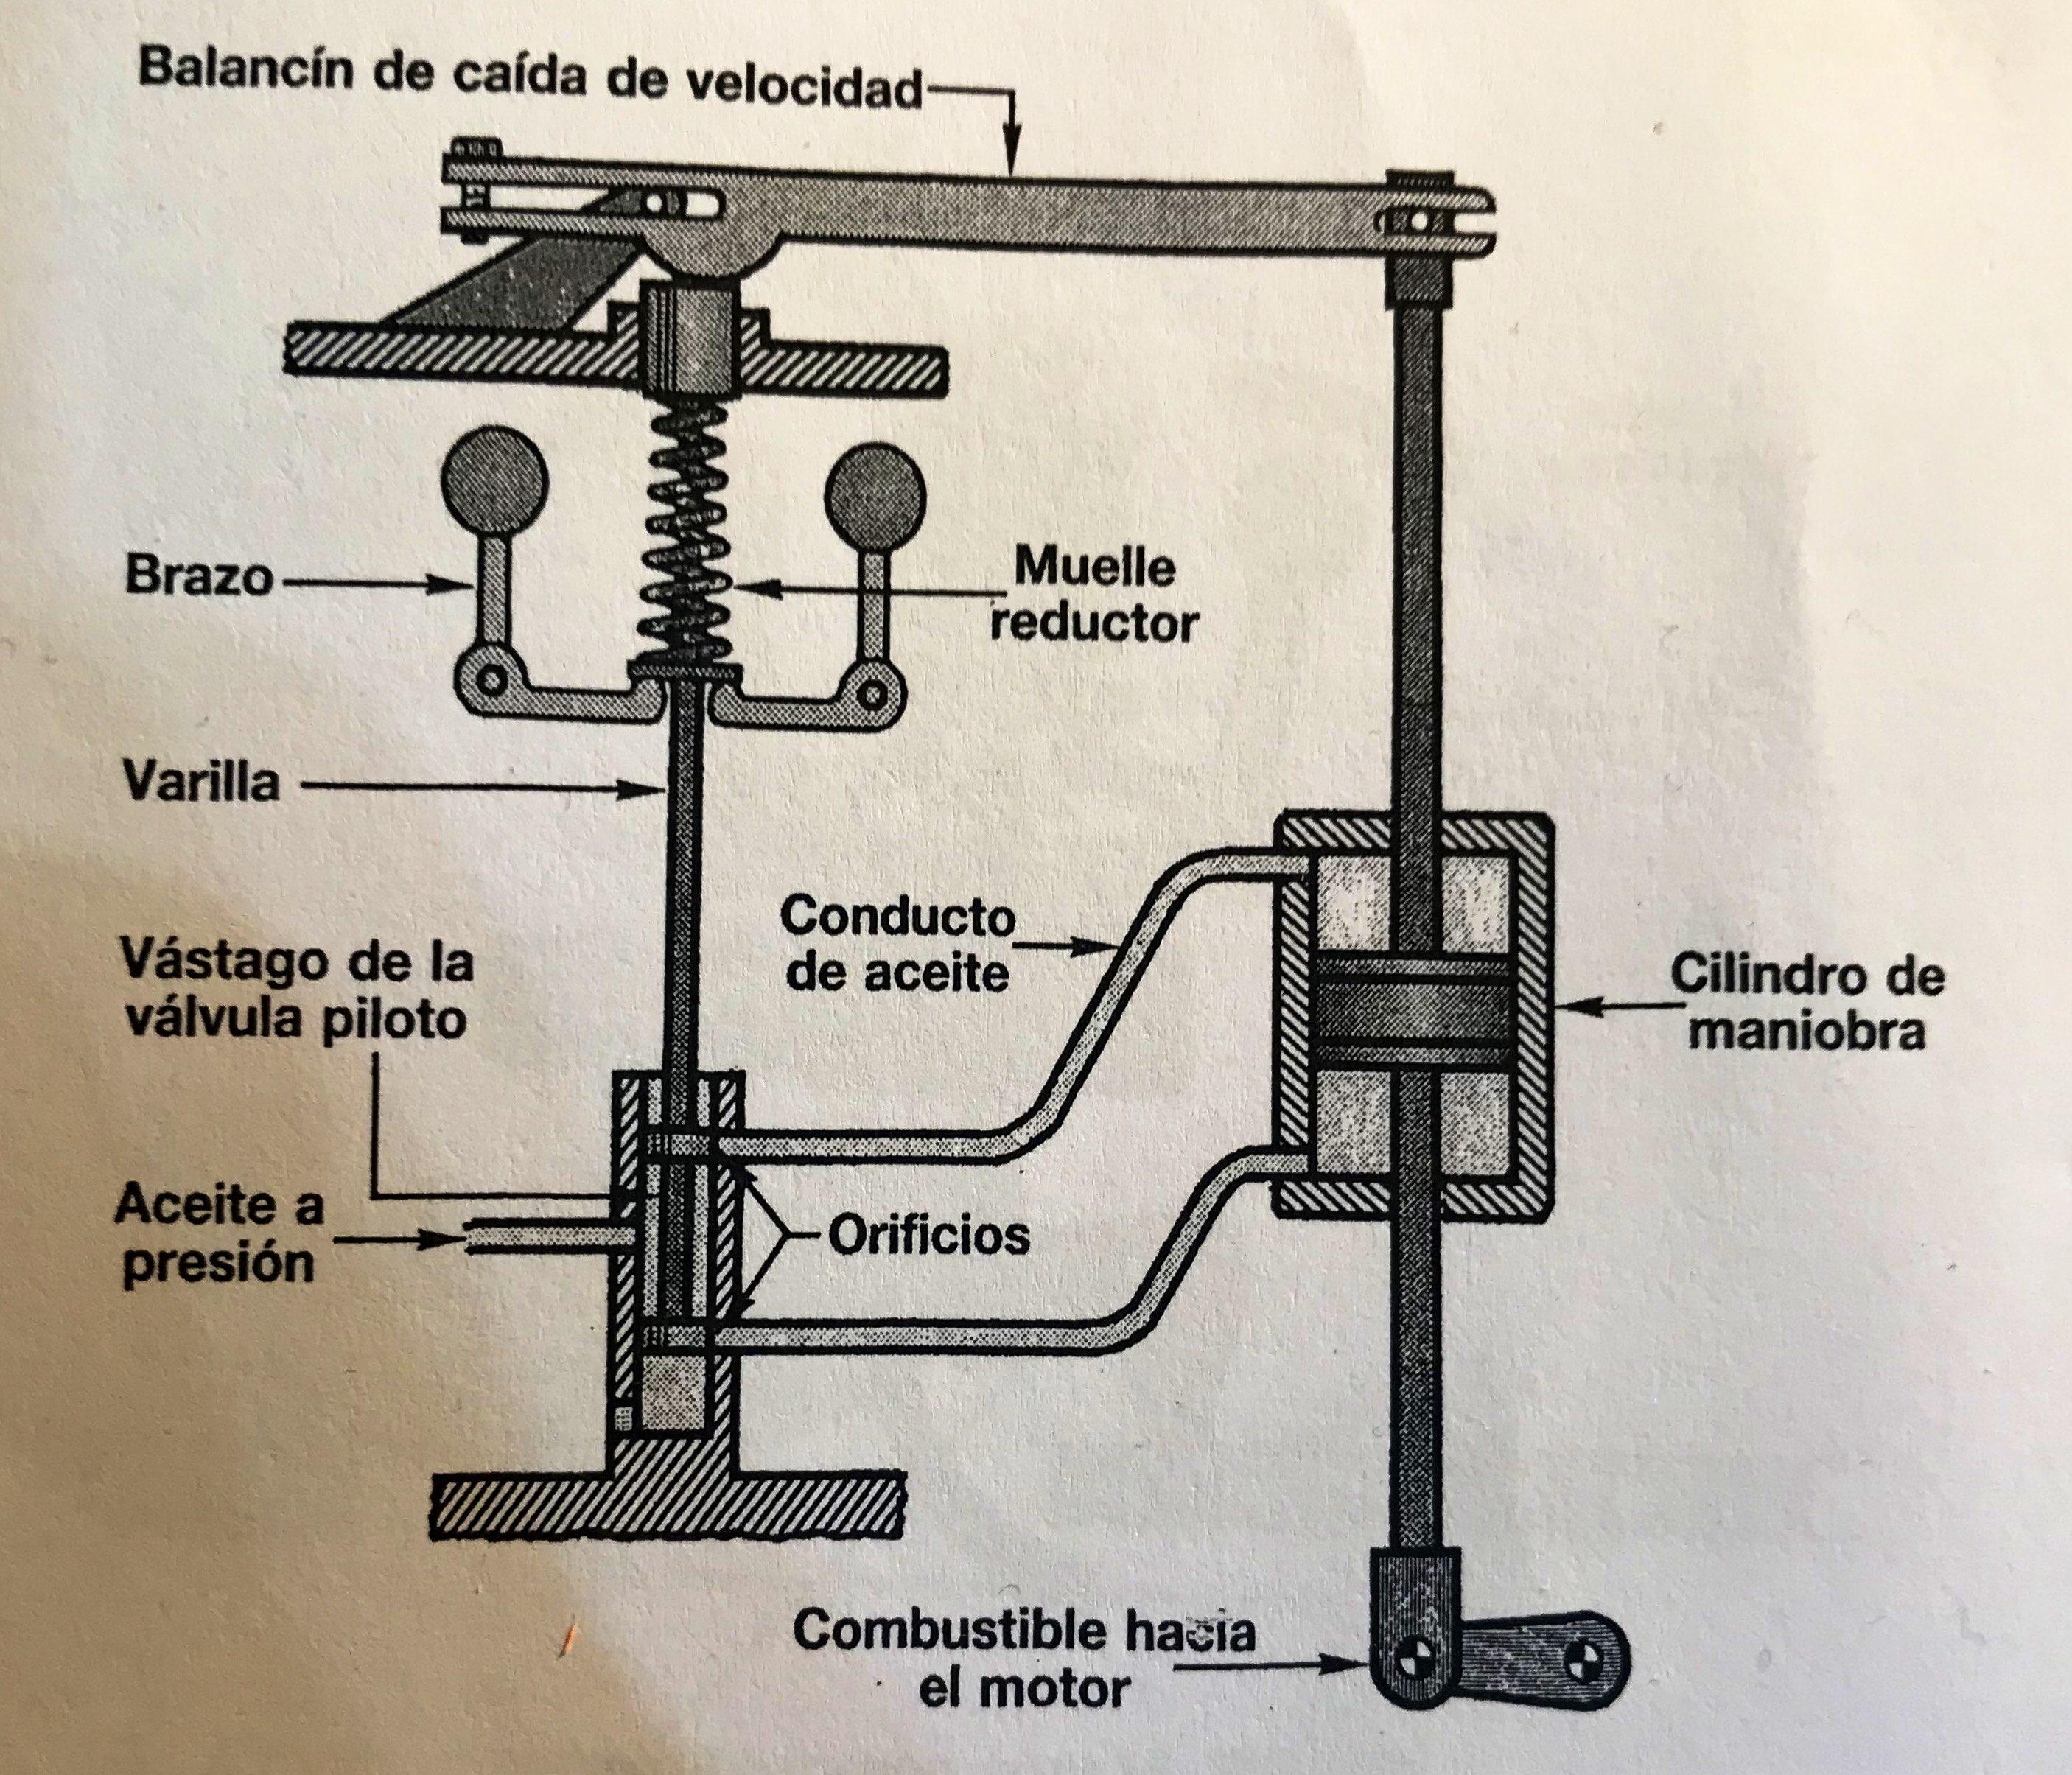 regulador hidráulico con caida de velocidad permanente